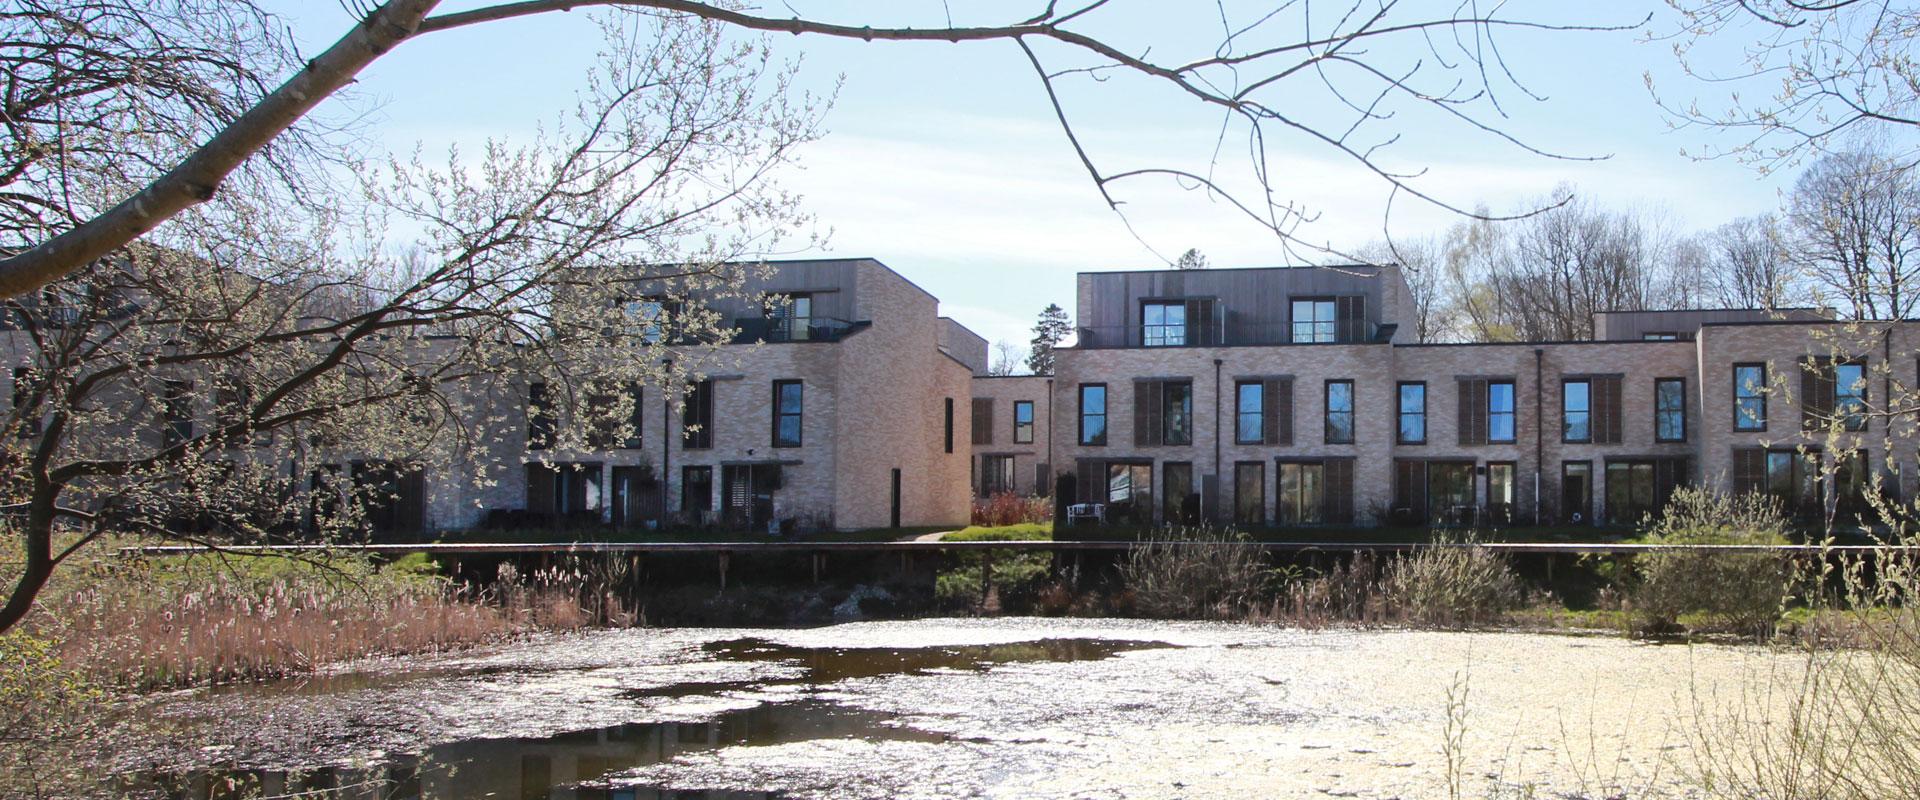 Vedbæk-Park-Ccoverwidget